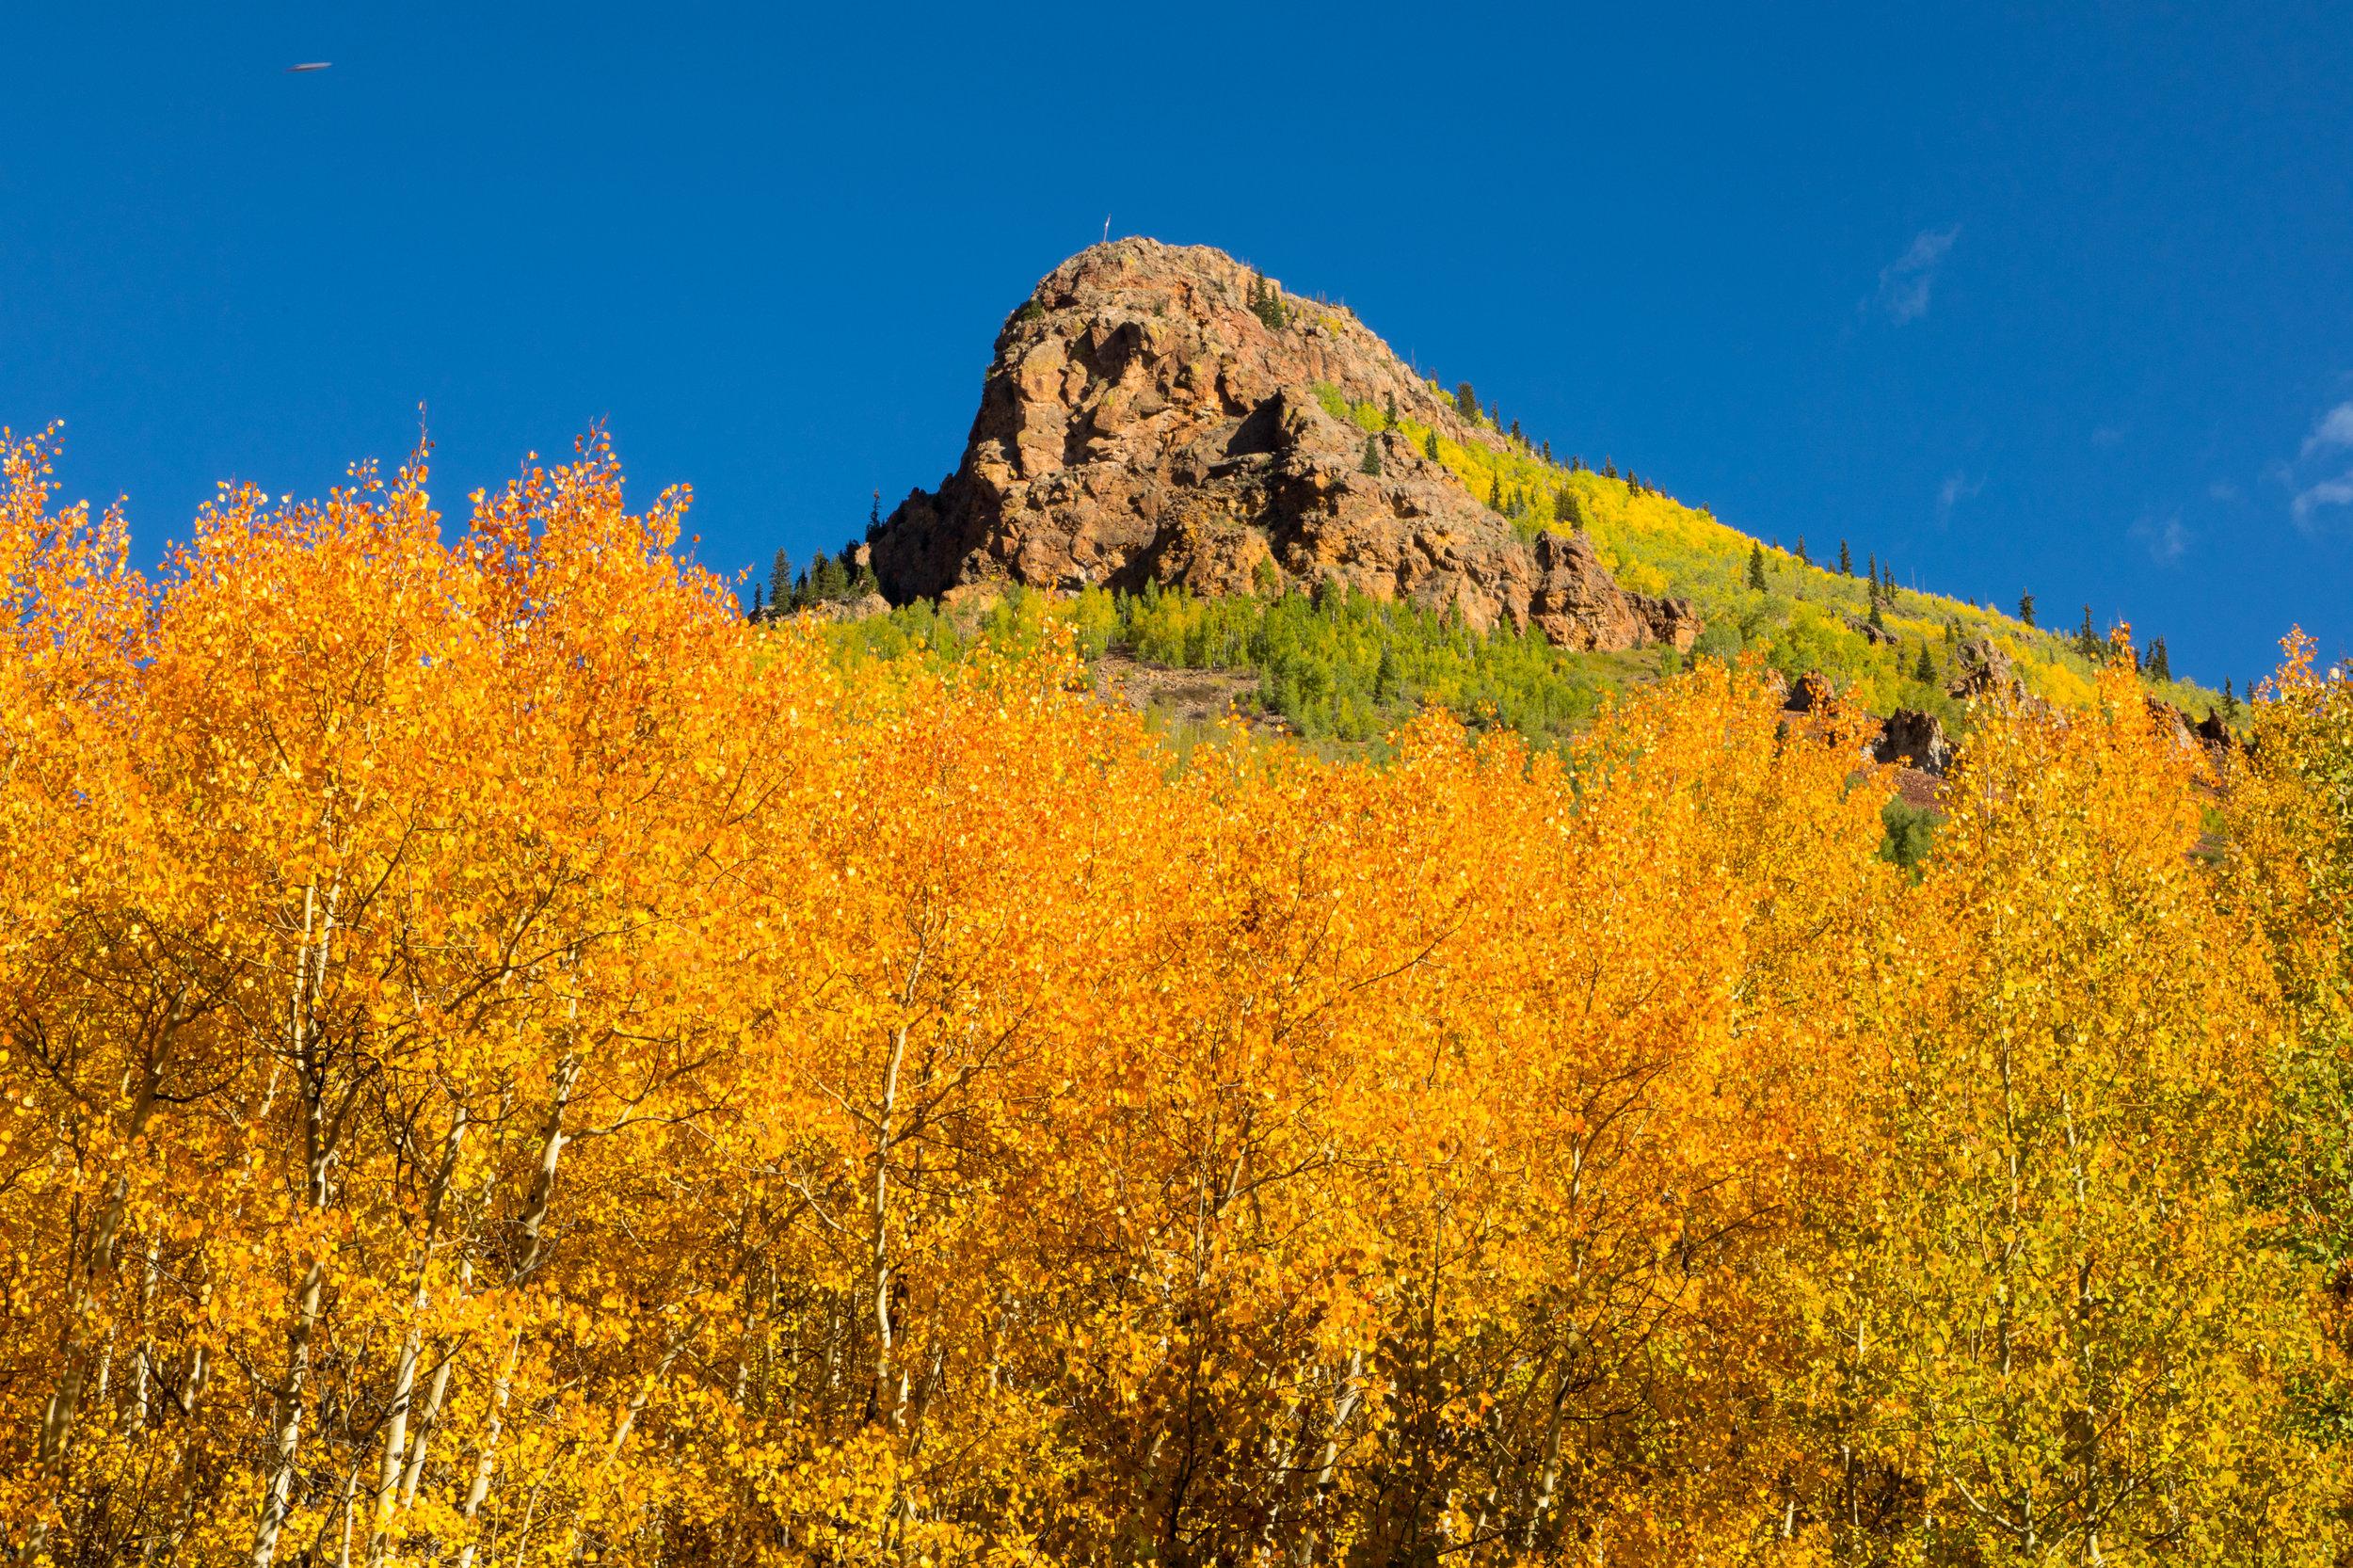 Silverton, Colorado, Image # 9237